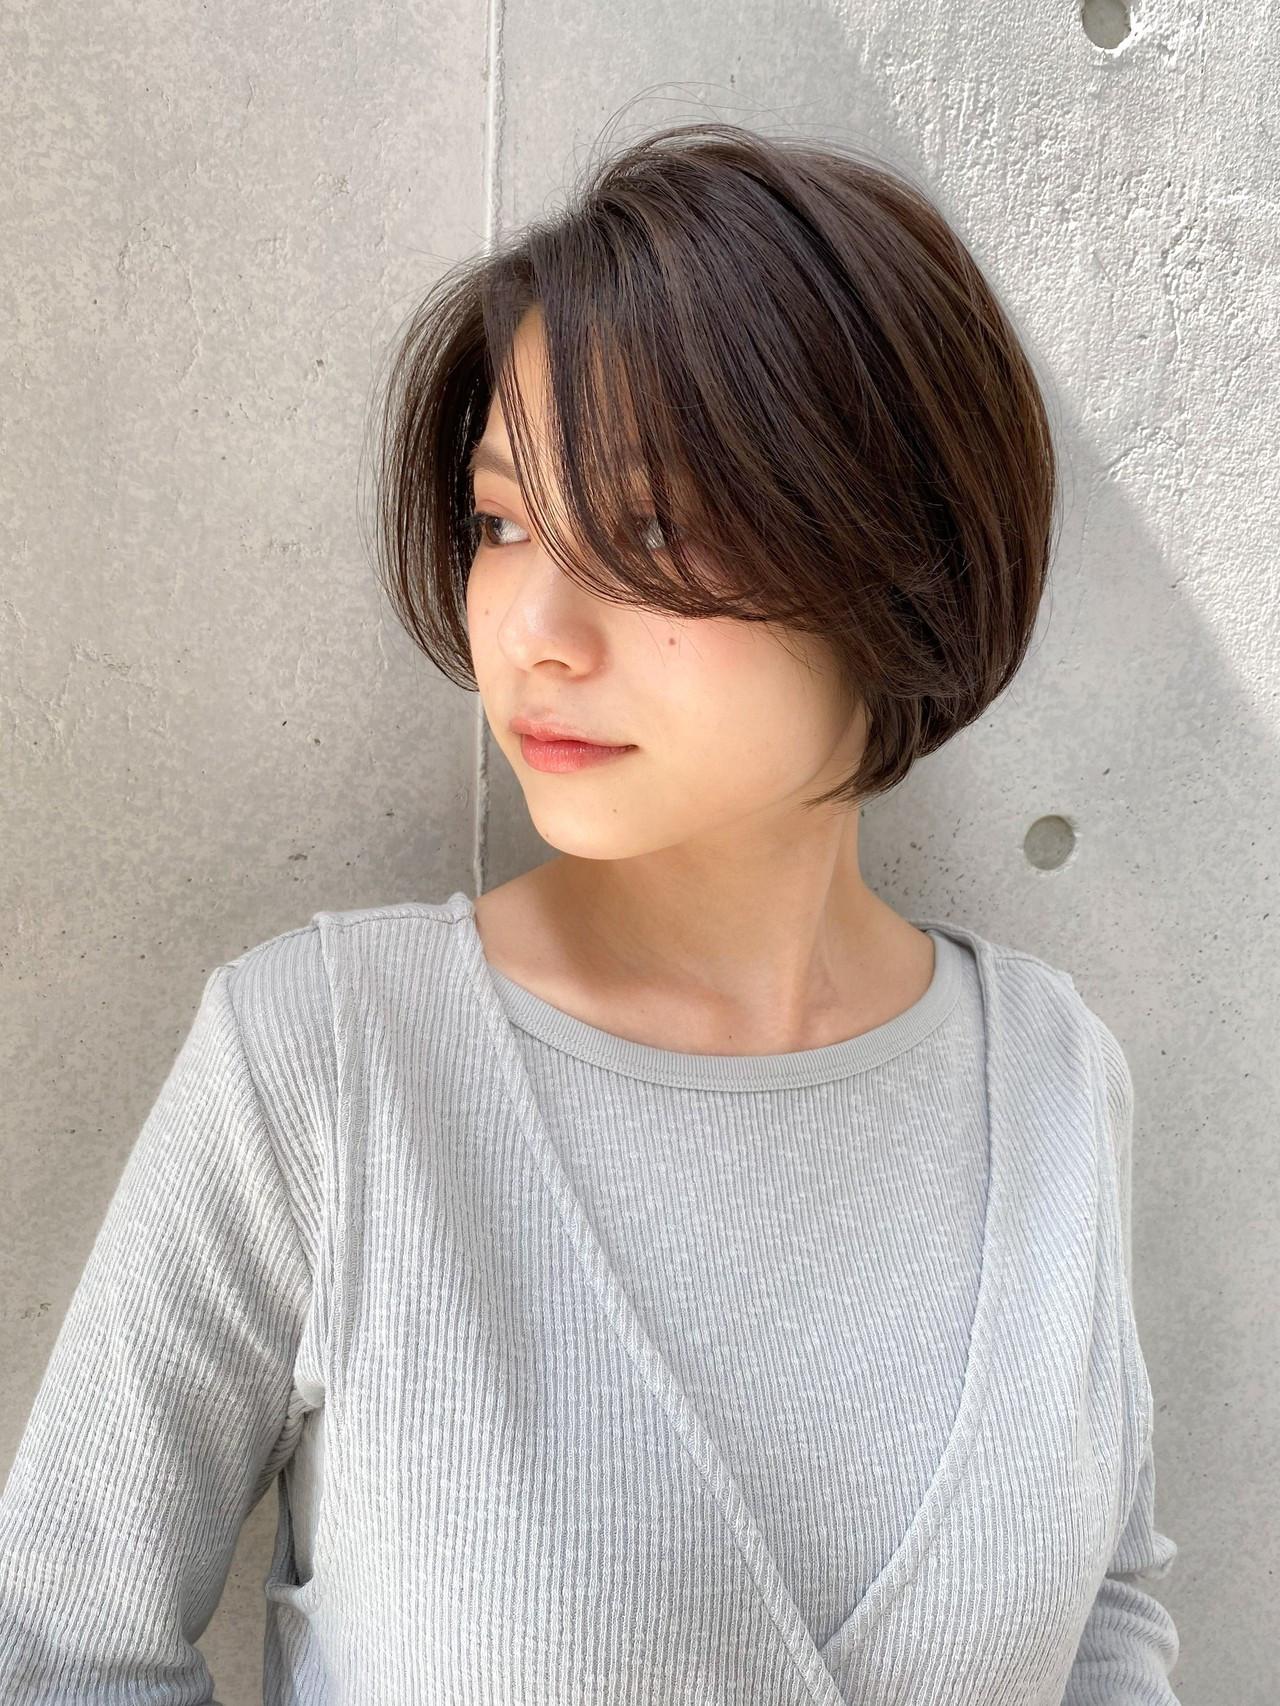 ナチュラル ハイライト デジタルパーマ 大人かわいい ヘアスタイルや髪型の写真・画像